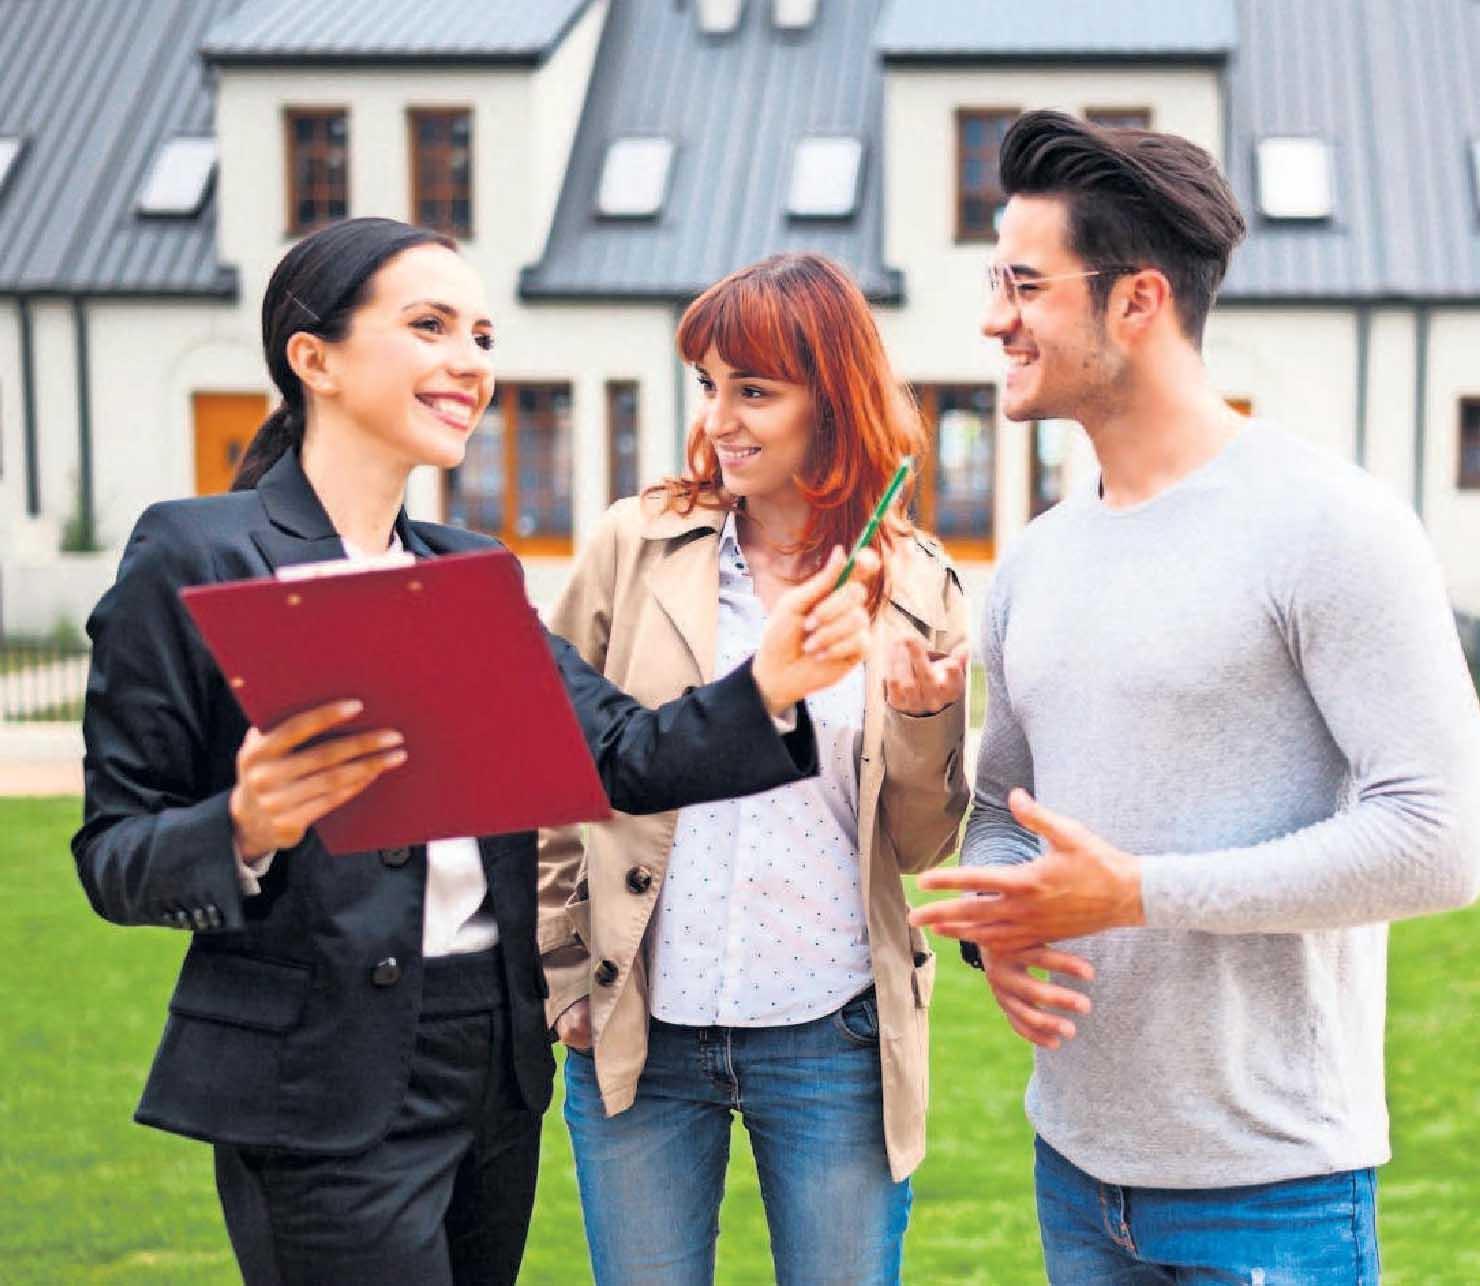 Auch Makler können den Wert einer Immobilie ermitteln. Foto: leszekglasner – stock.adobe.com